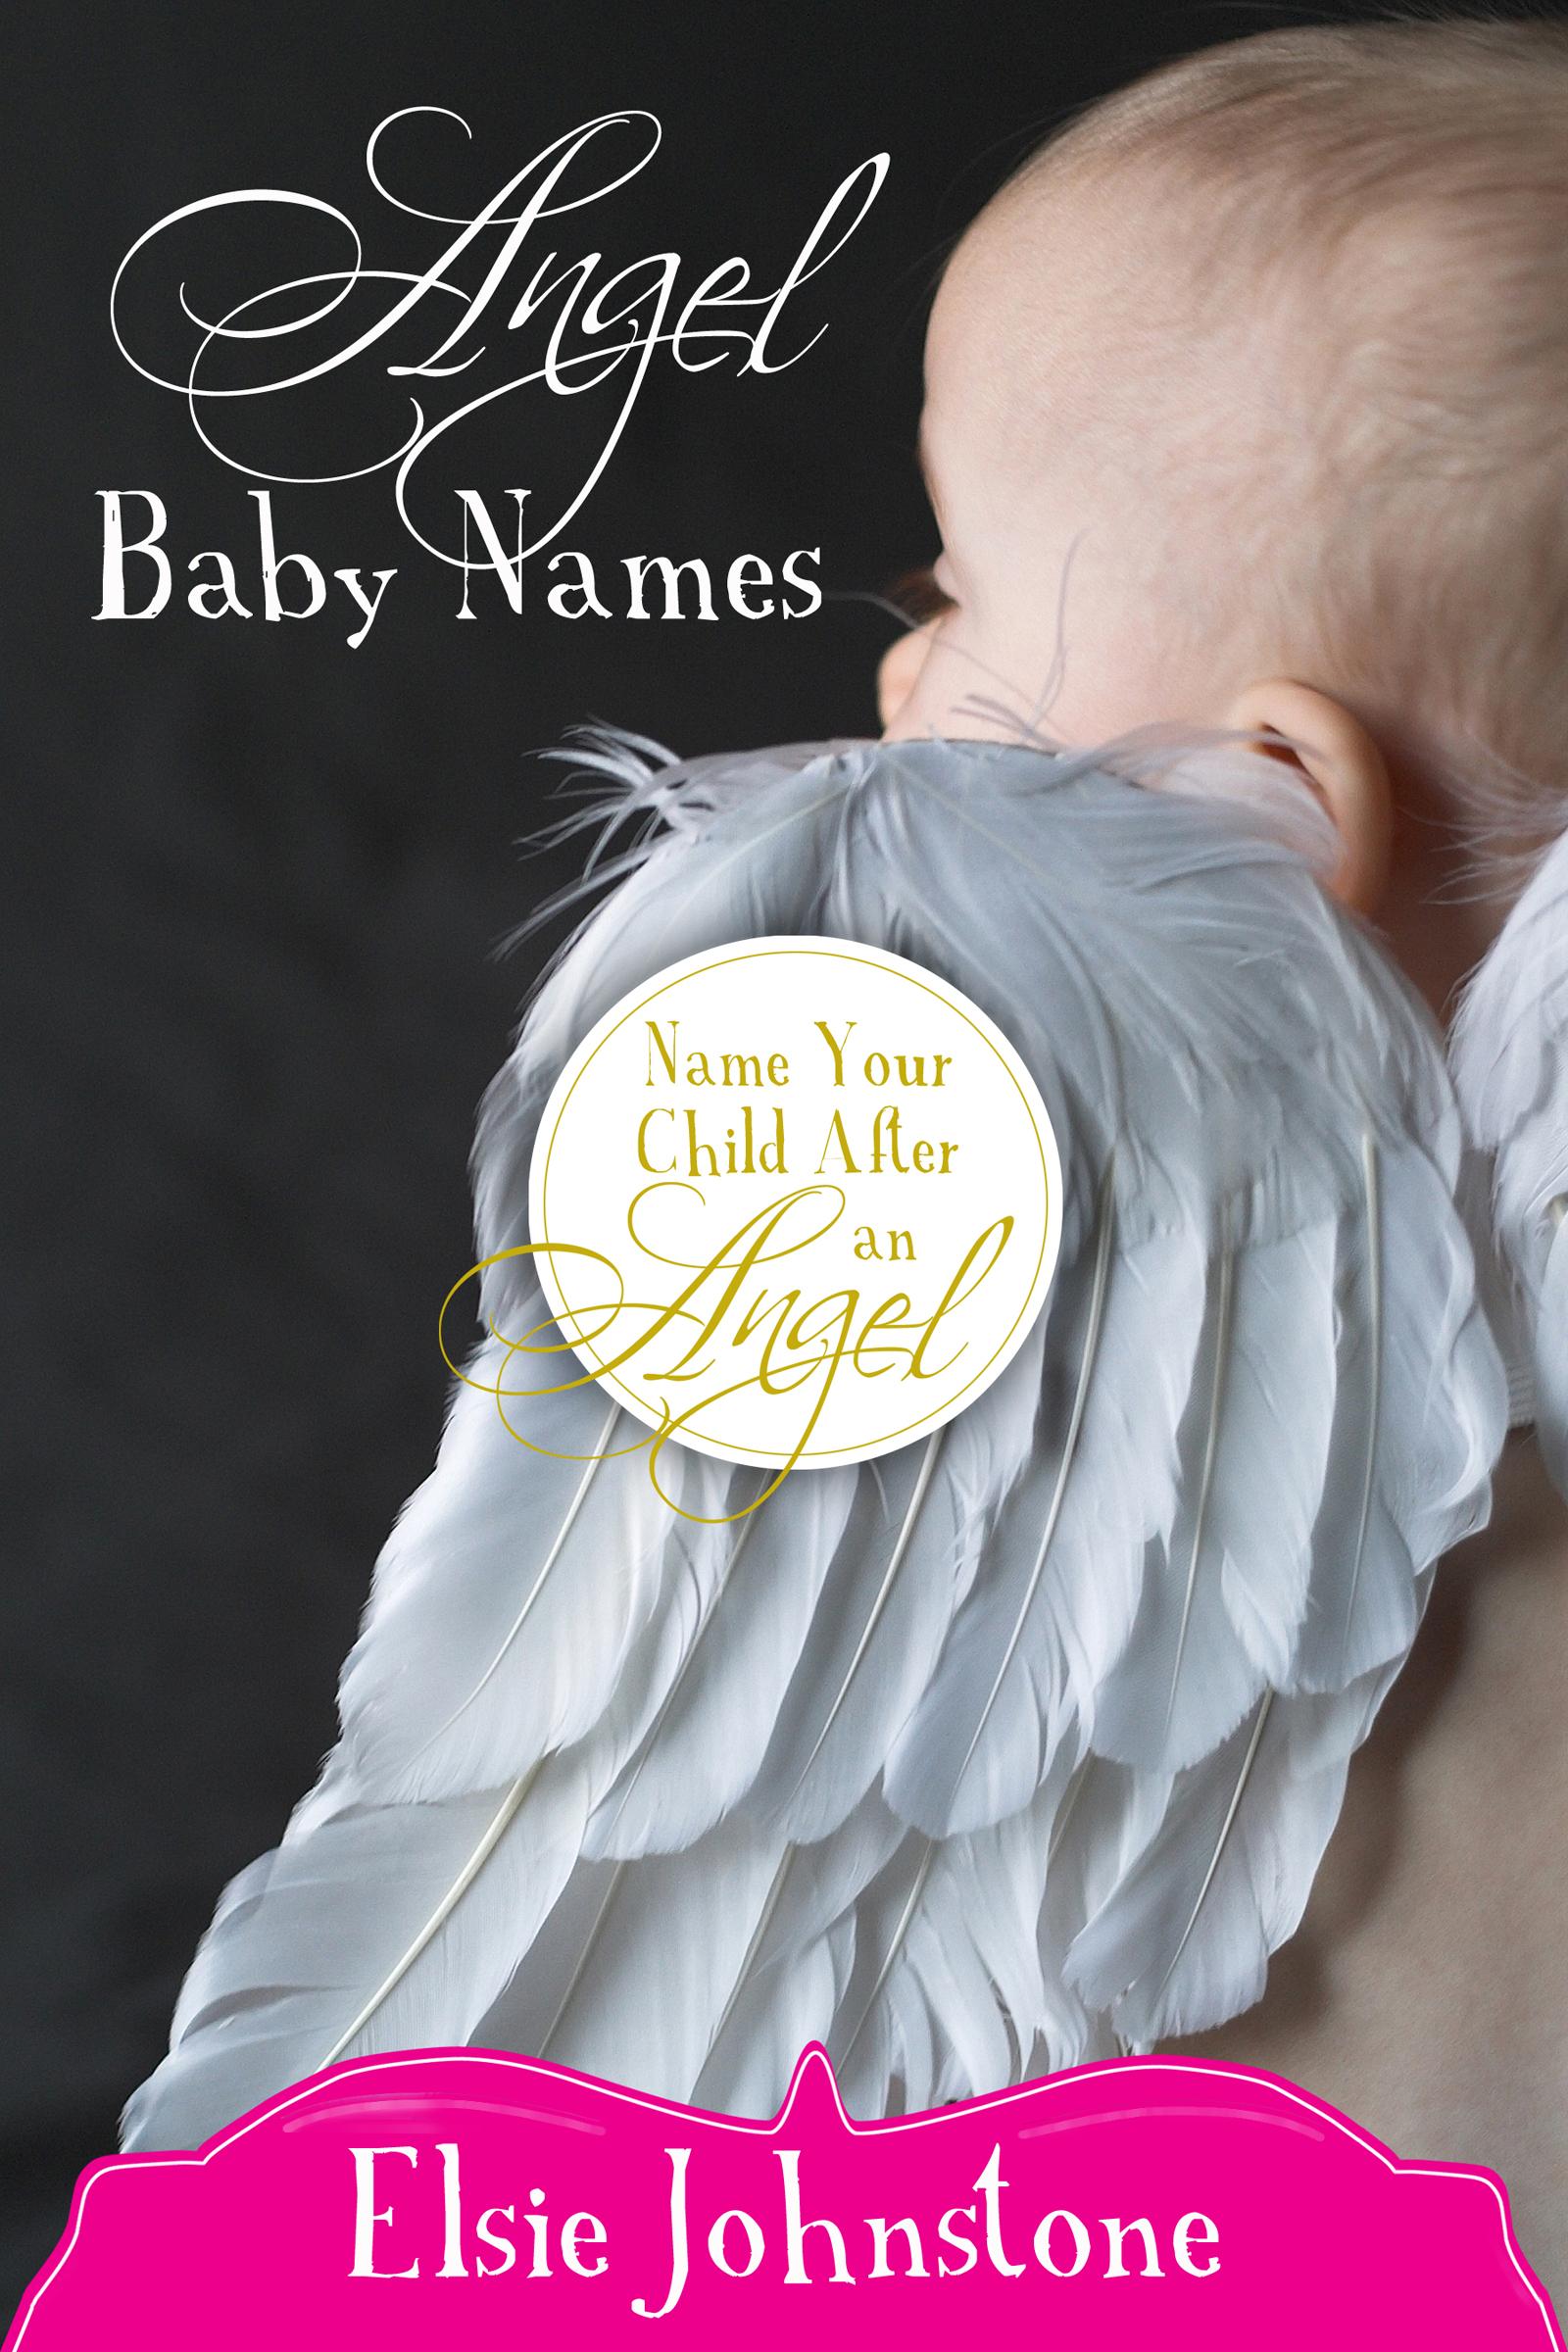 Angel Baby Names, an Ebook by Elsie Johnstone